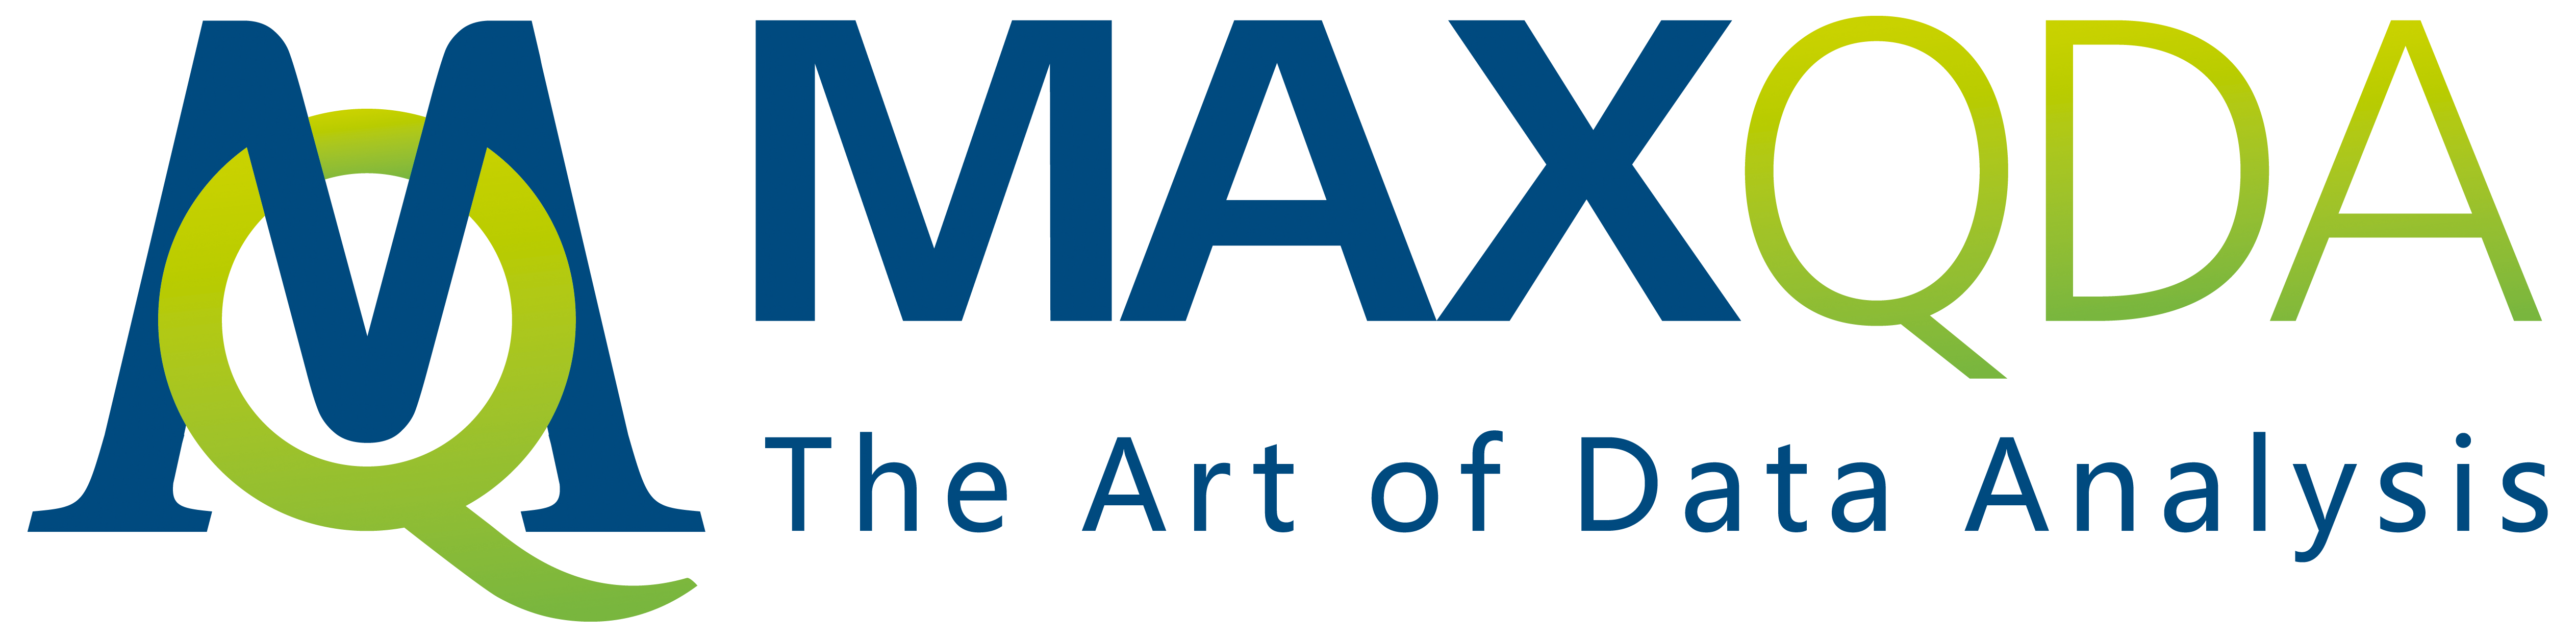 01-MAXQDA-Logo